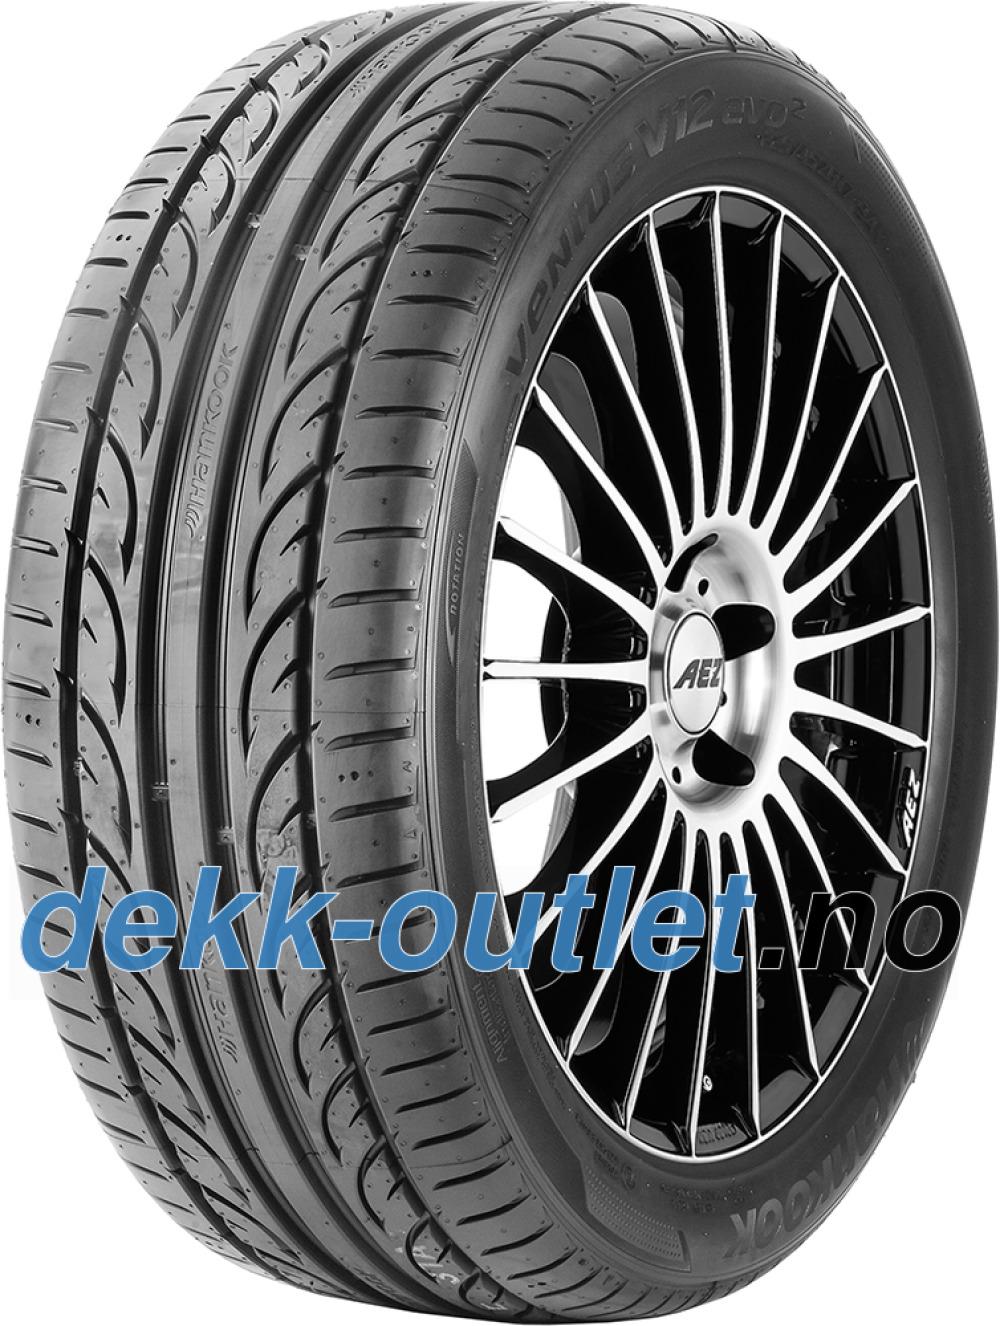 Hankook Ventus V12 Evo 2 K120 ( 215/35 ZR18 84Y XL med felgbeskyttelse (MFS) SBL )